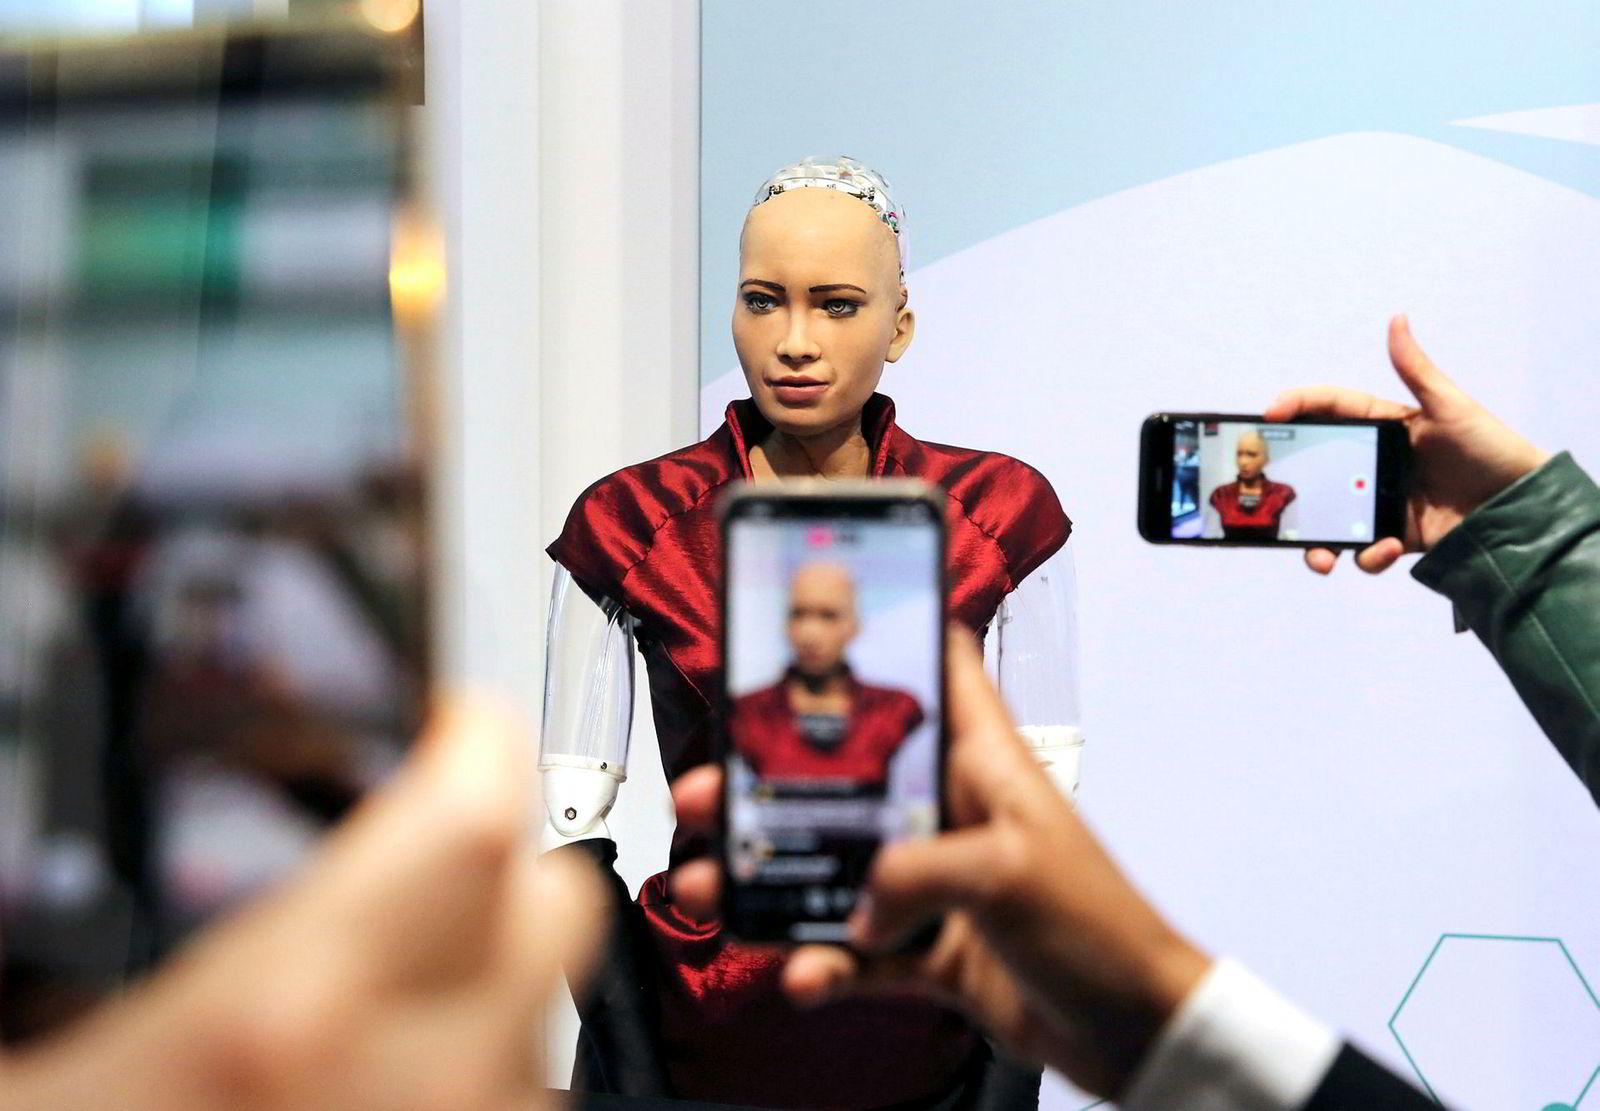 Messen Mobile World Congress åpnet i Barcelona i februar. Her tar deltagere bilder av Hanson Robotics «Sophia», en robot med svært menneskelige trekk.